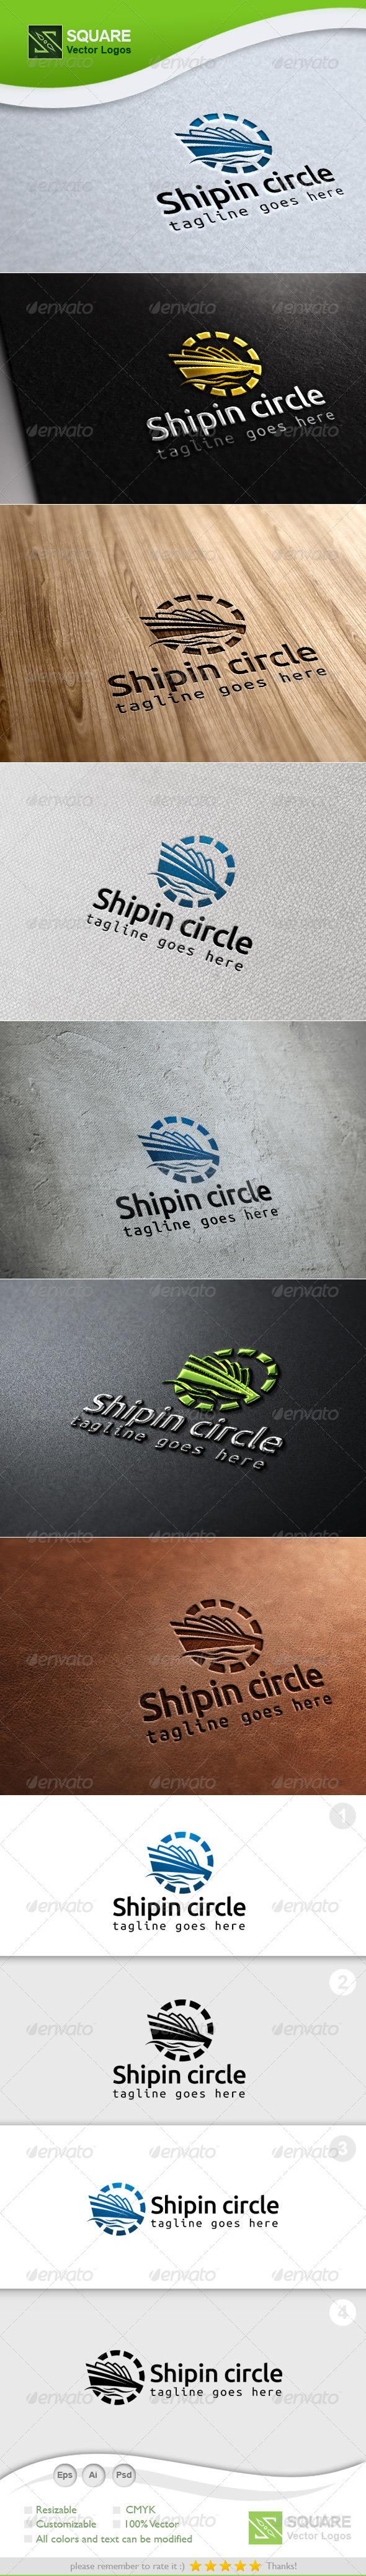 GraphicRiver Ship Circle Vector Logo Template 7042907